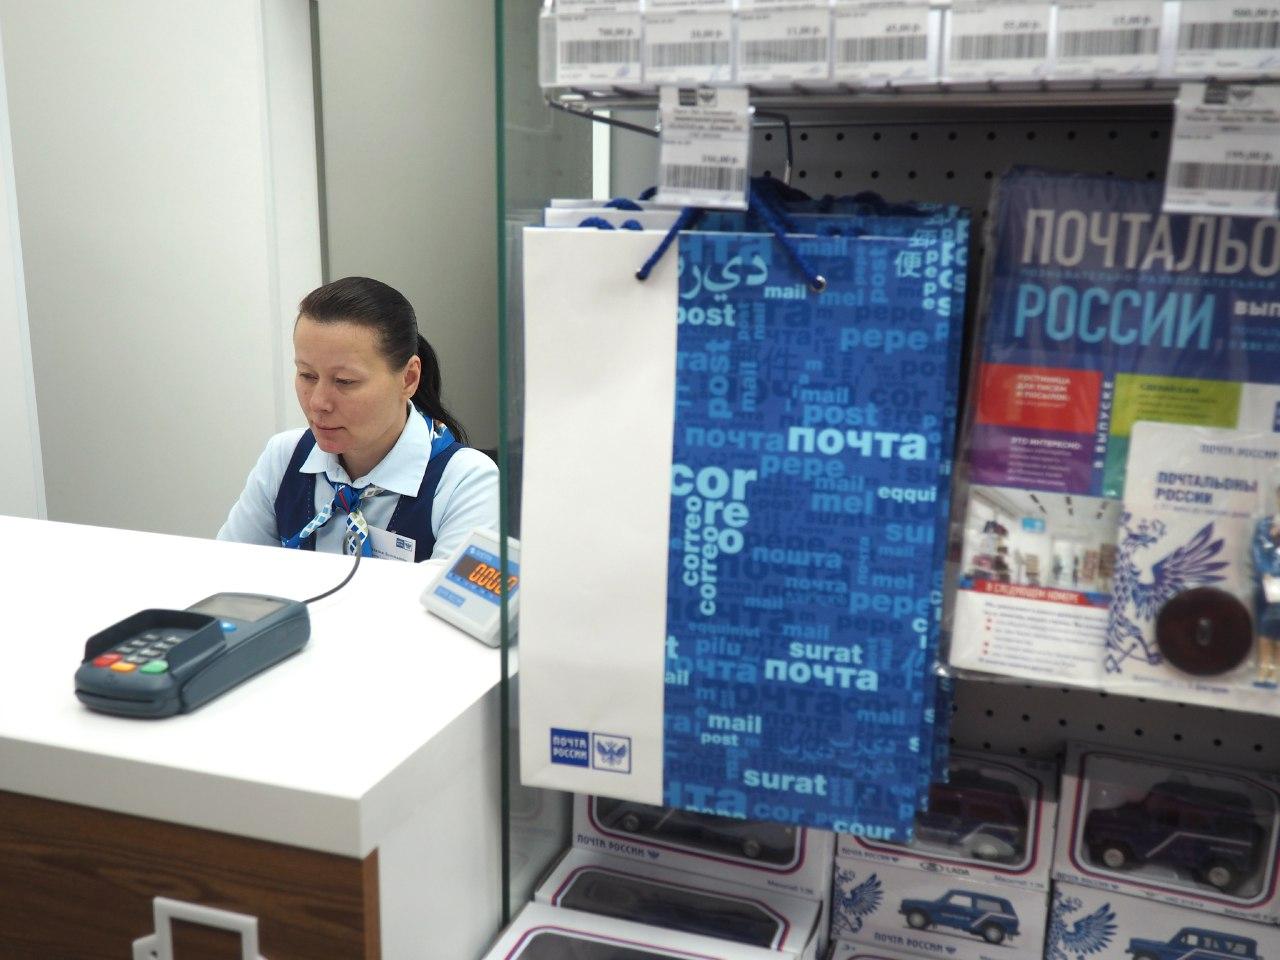 Почта Банк установит 50 тысяч платежных терминалов в отделениях Почты России